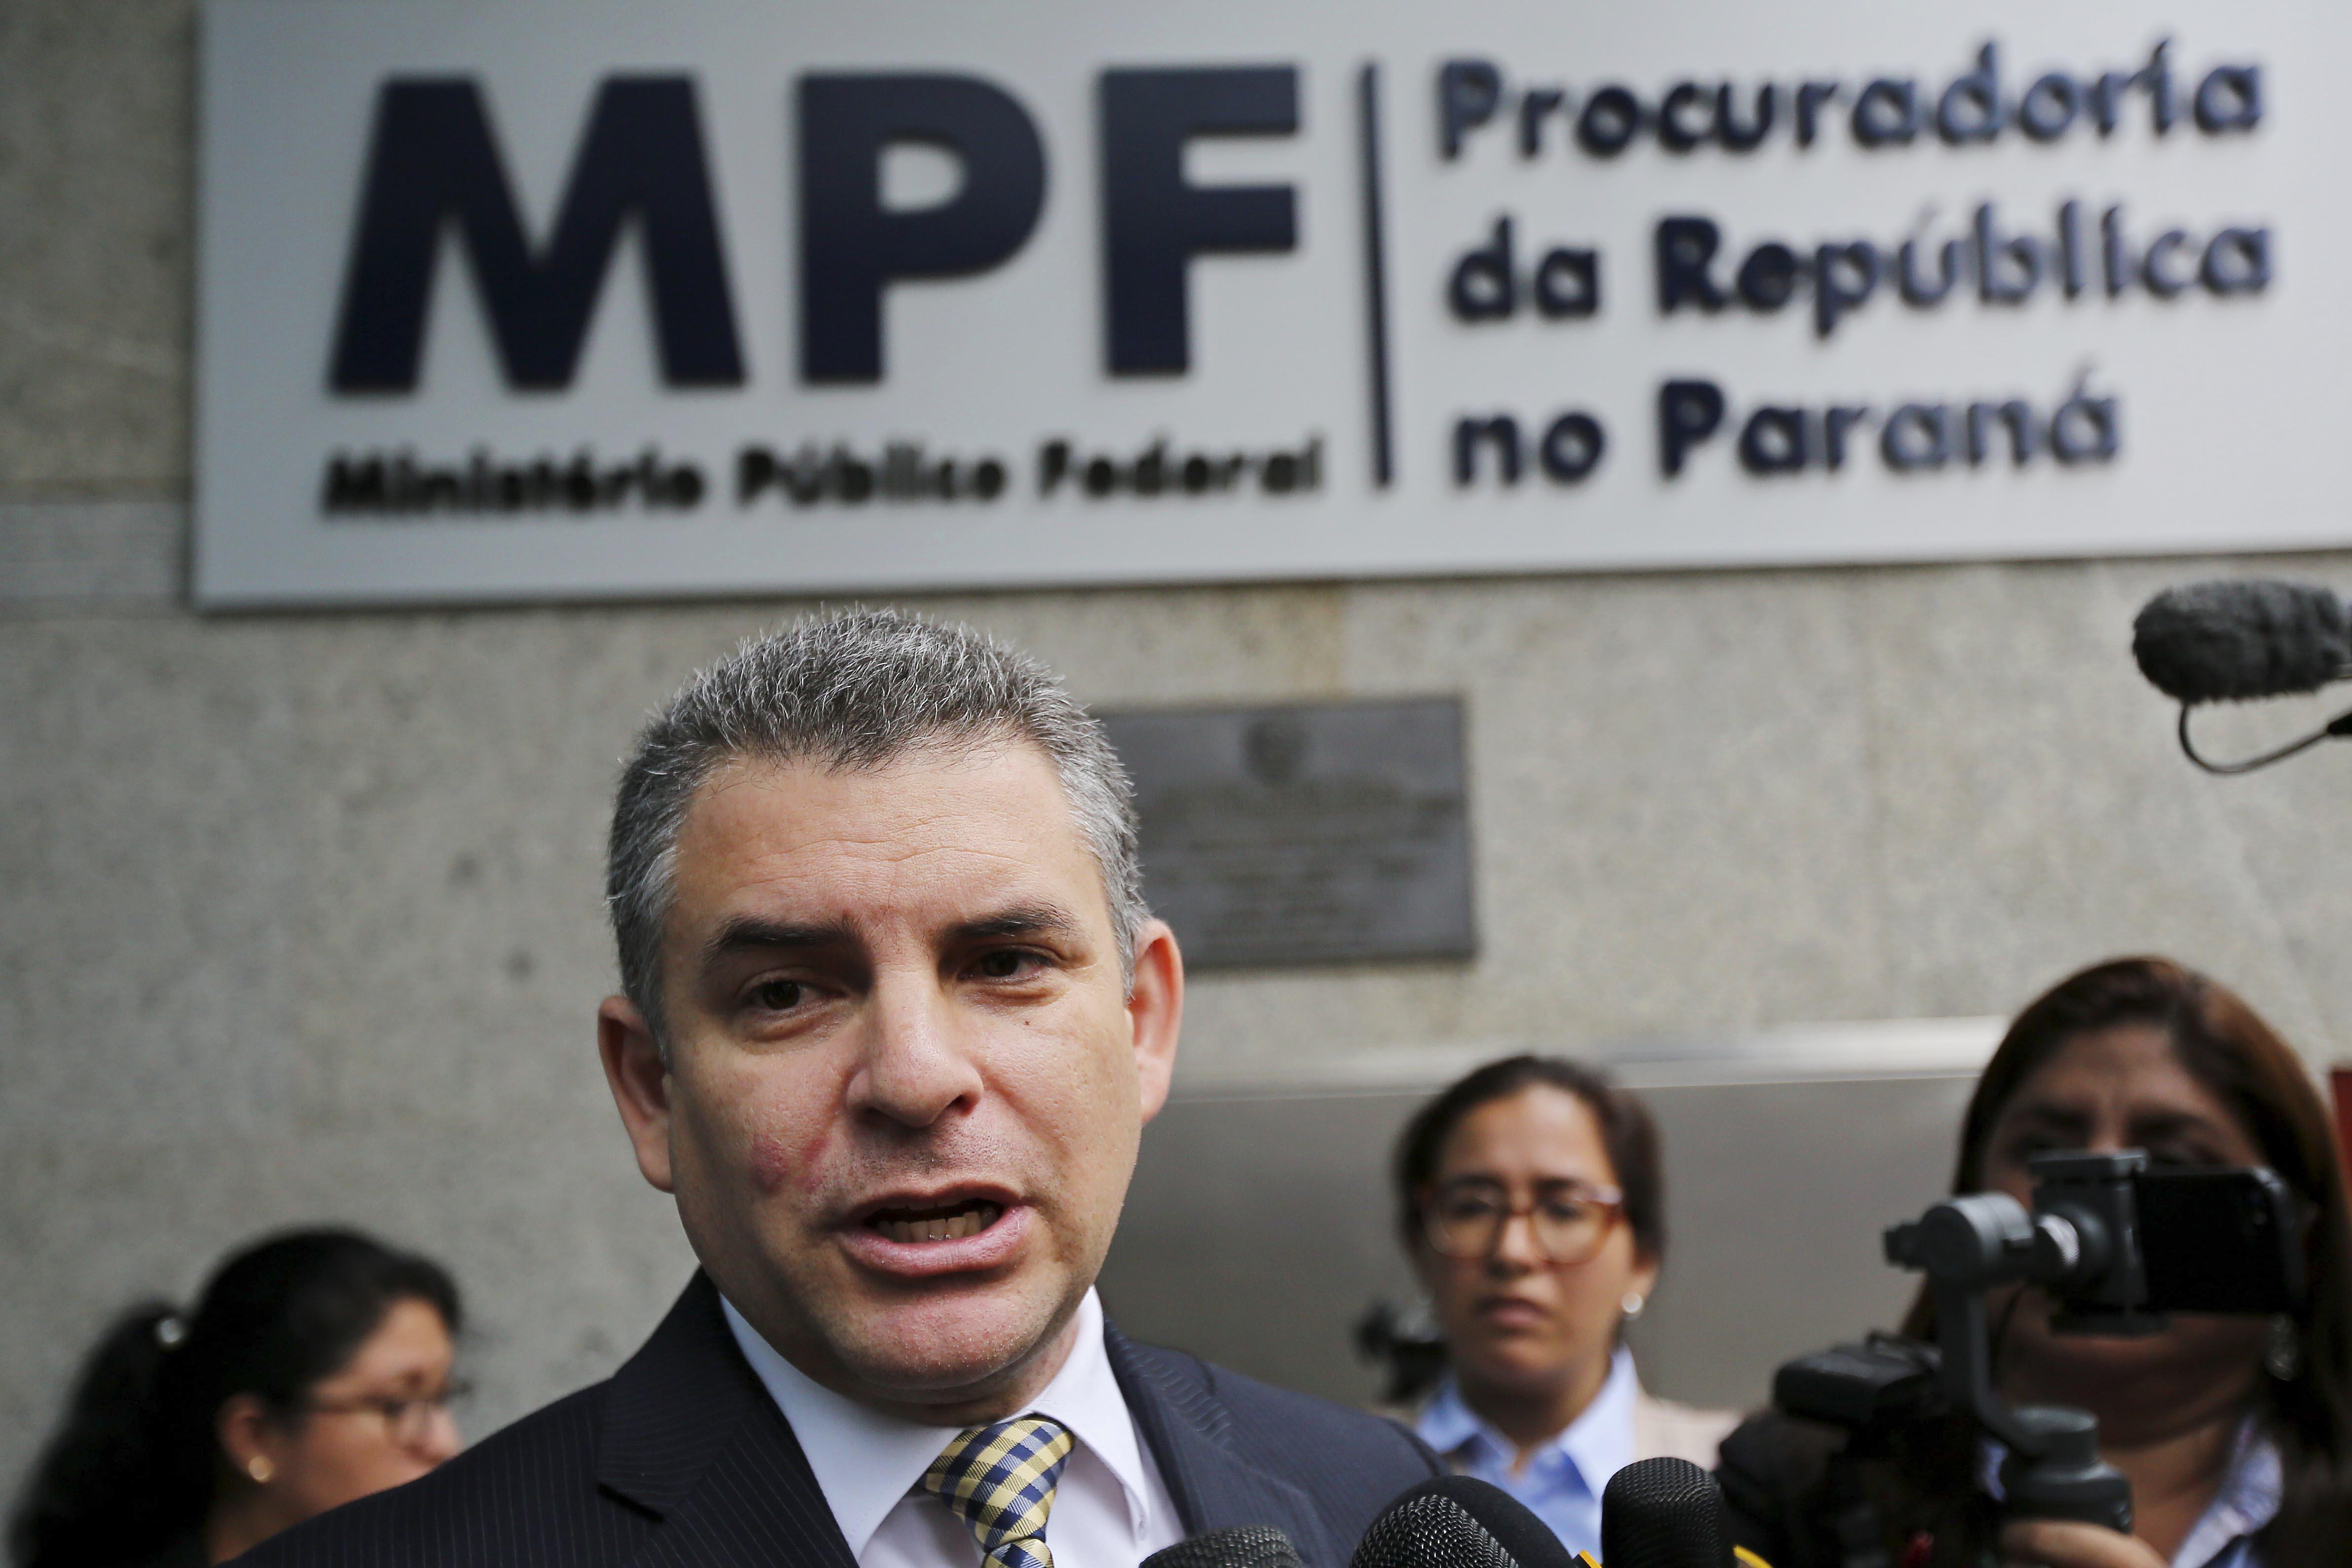 El jefe de la Fiscalía peruana para el caso Lava Jato, Rafael Vela frente la Ministerio Público Fiscal en Curitiba, Brasil (Heuler Andrey / AFP)